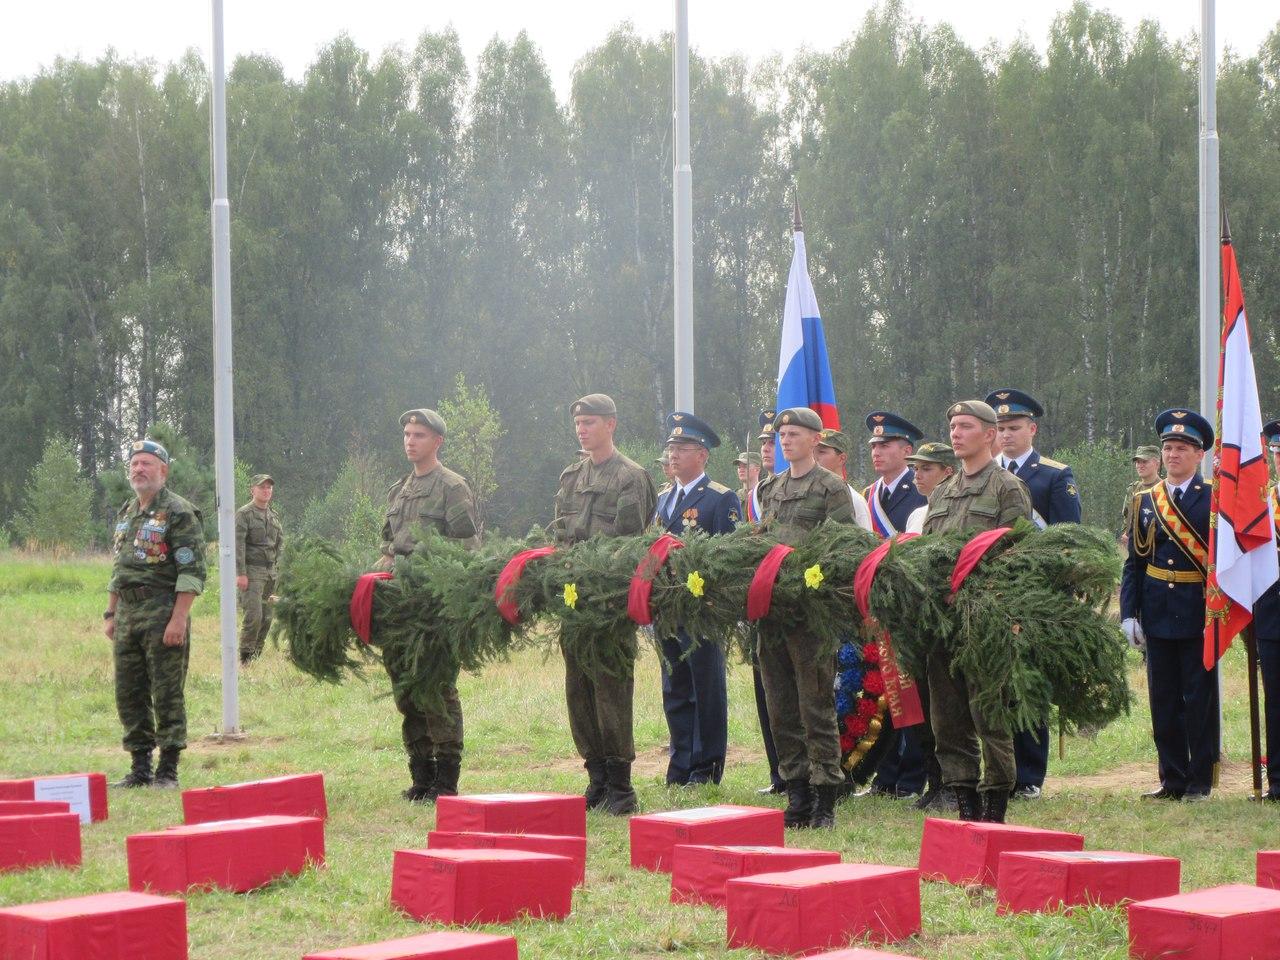 Уполномоченные Башкирии вернулись из интернационального военно-исторического лагеря «Калининский фронт»